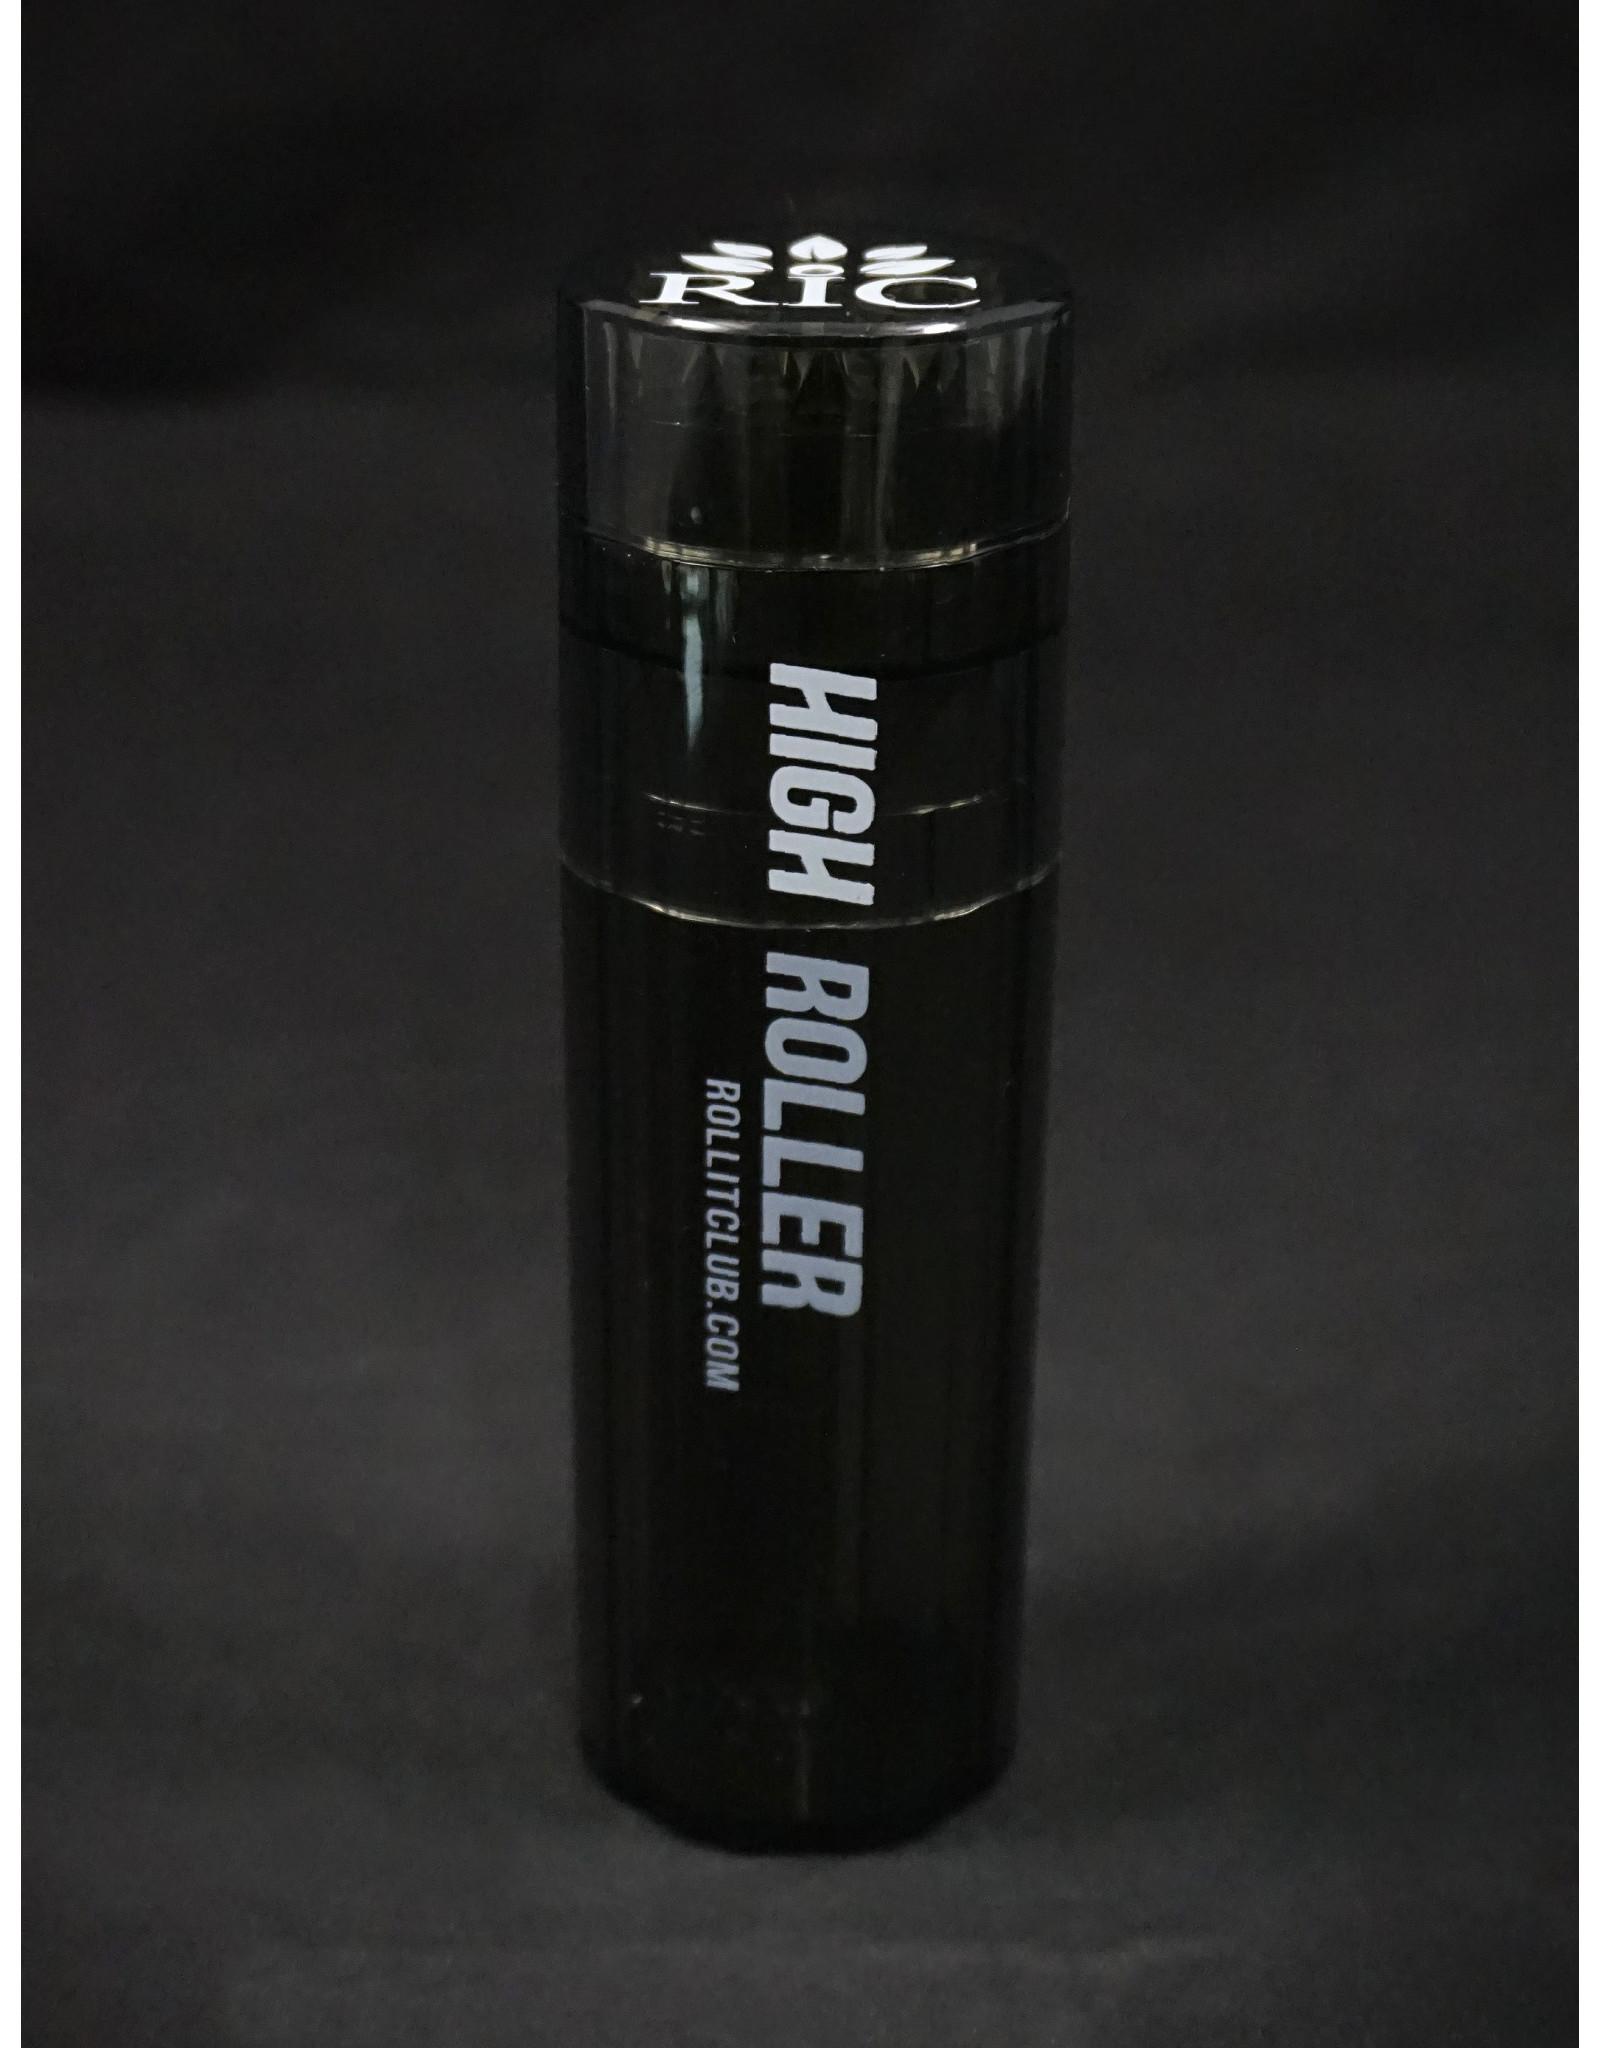 Highroller Grinder AndFastpack Cone Filler - Smoke